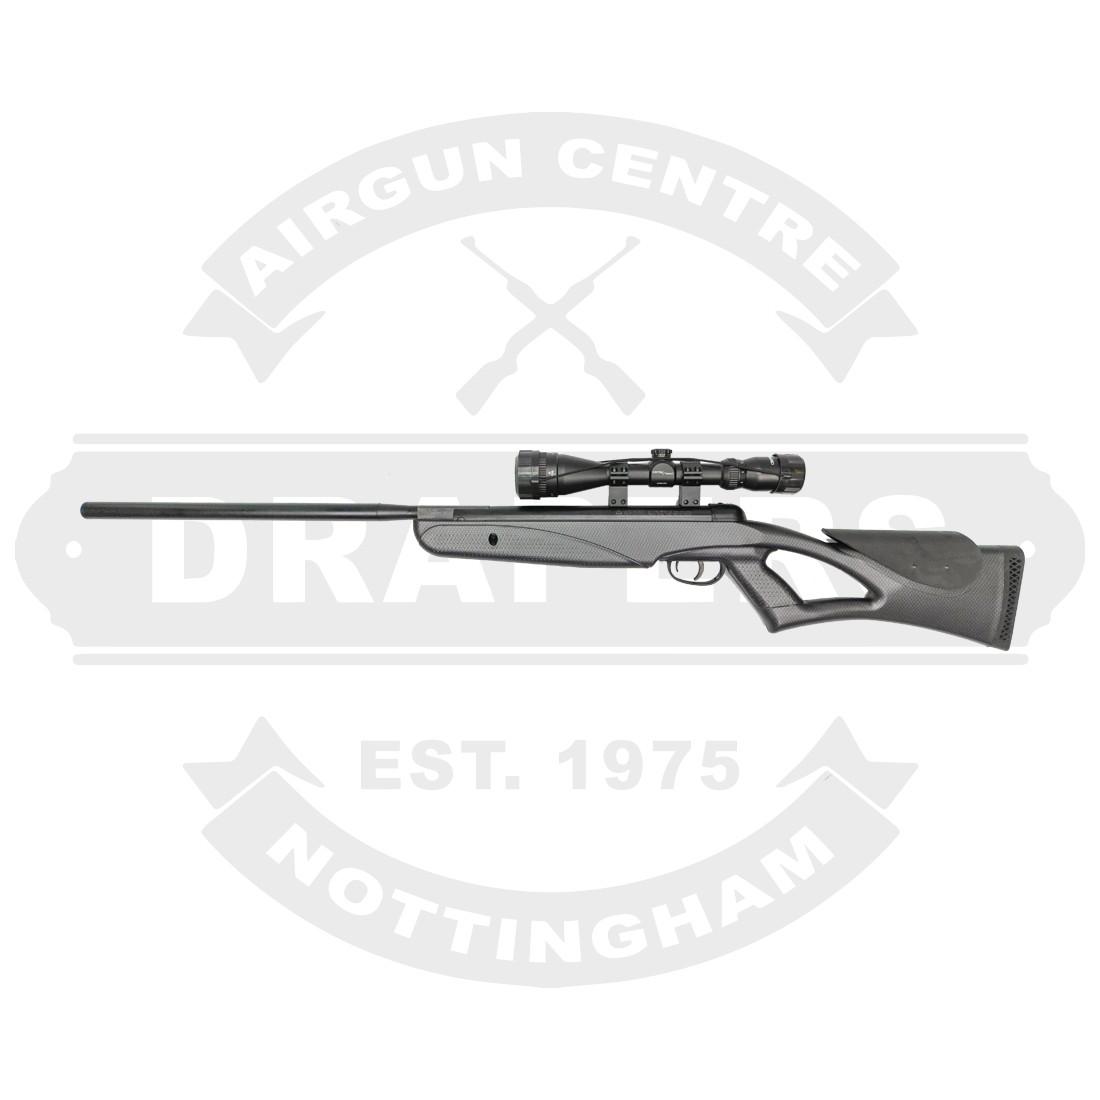 Remington Nitro Piston  22 - Air Rifles New - New Air Guns